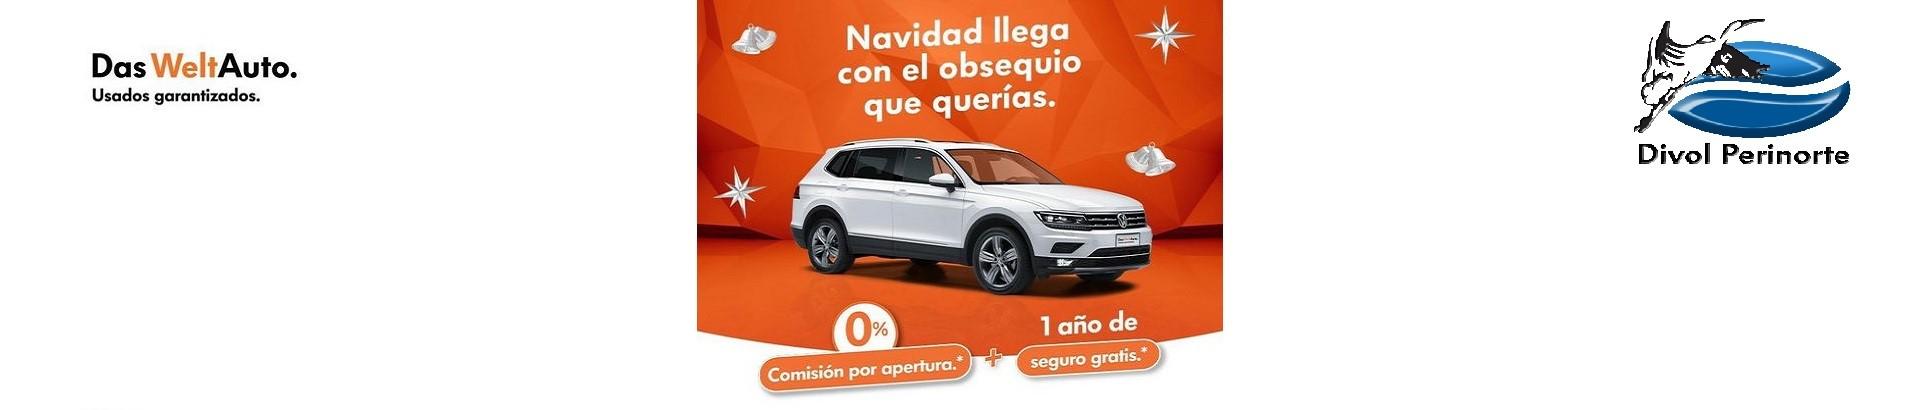 Volkswagen Divol Perinorte